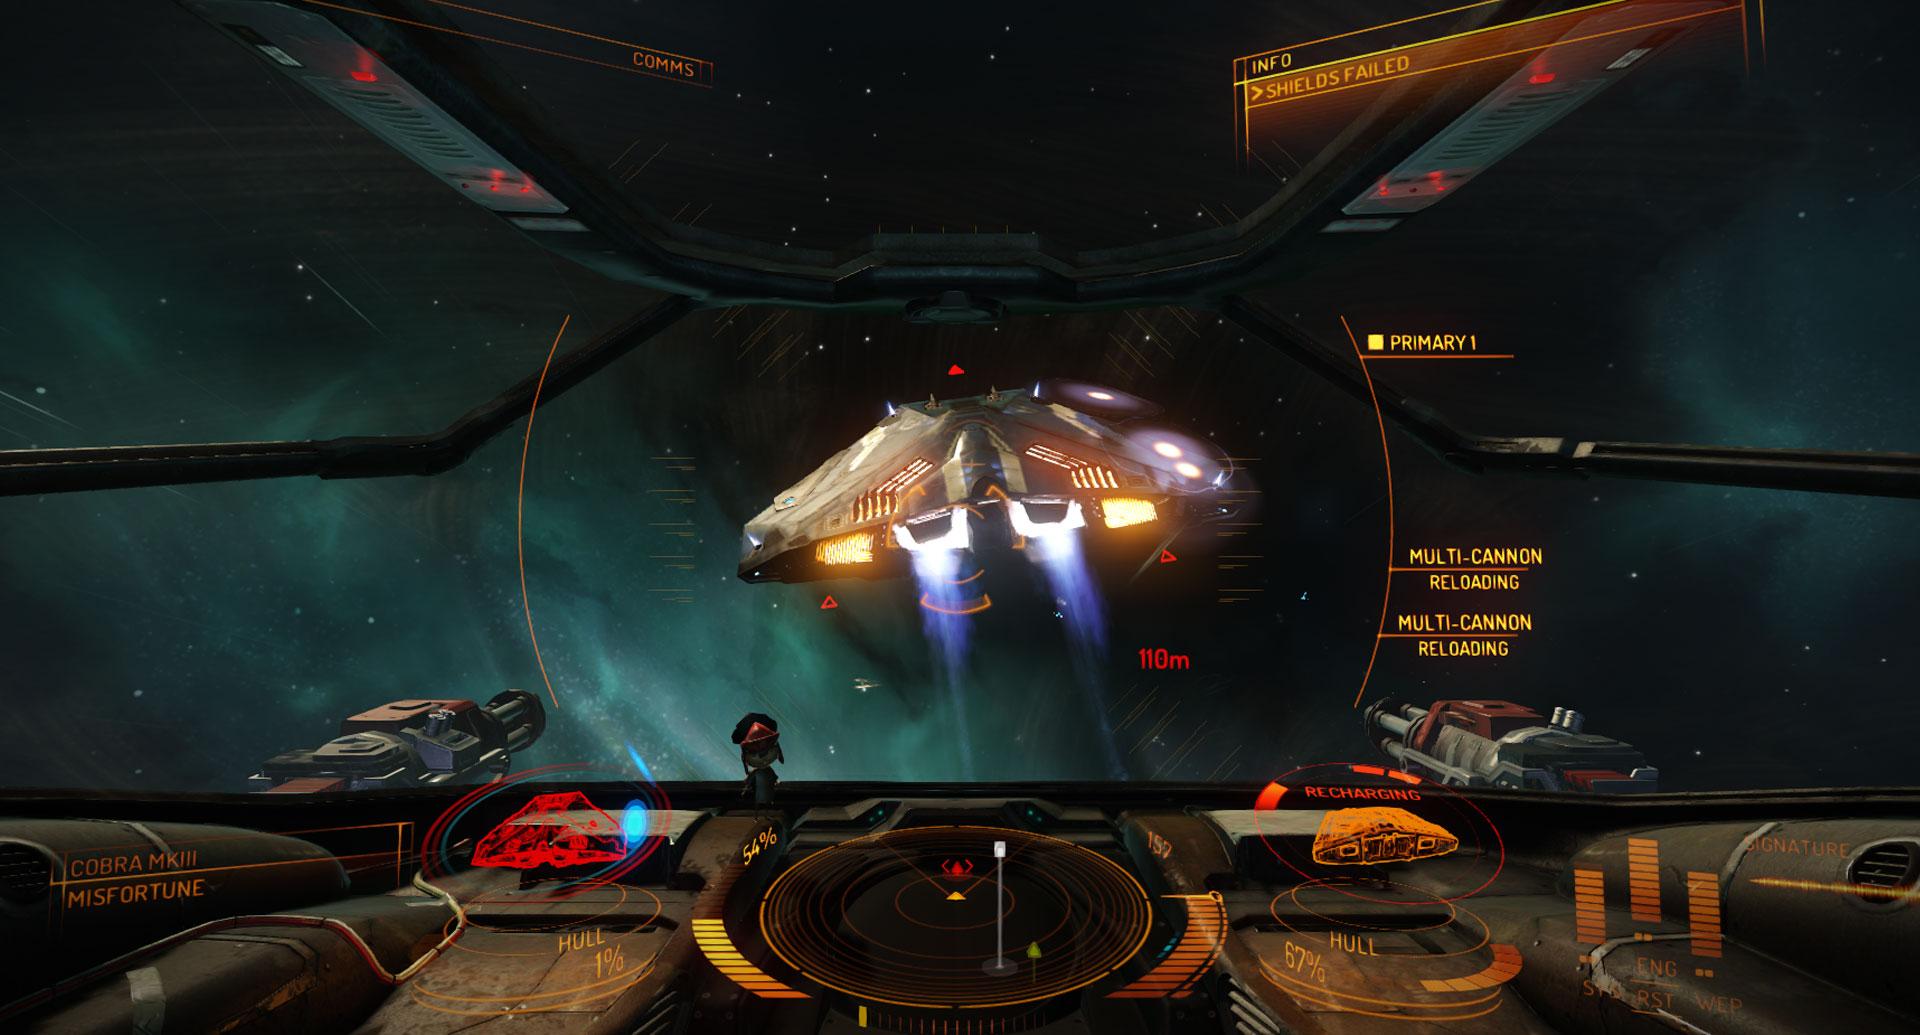 http://www.theaveragegamer.com/wp-content/uploads/2014/03/Elite-Dangerous-Cobra.jpg